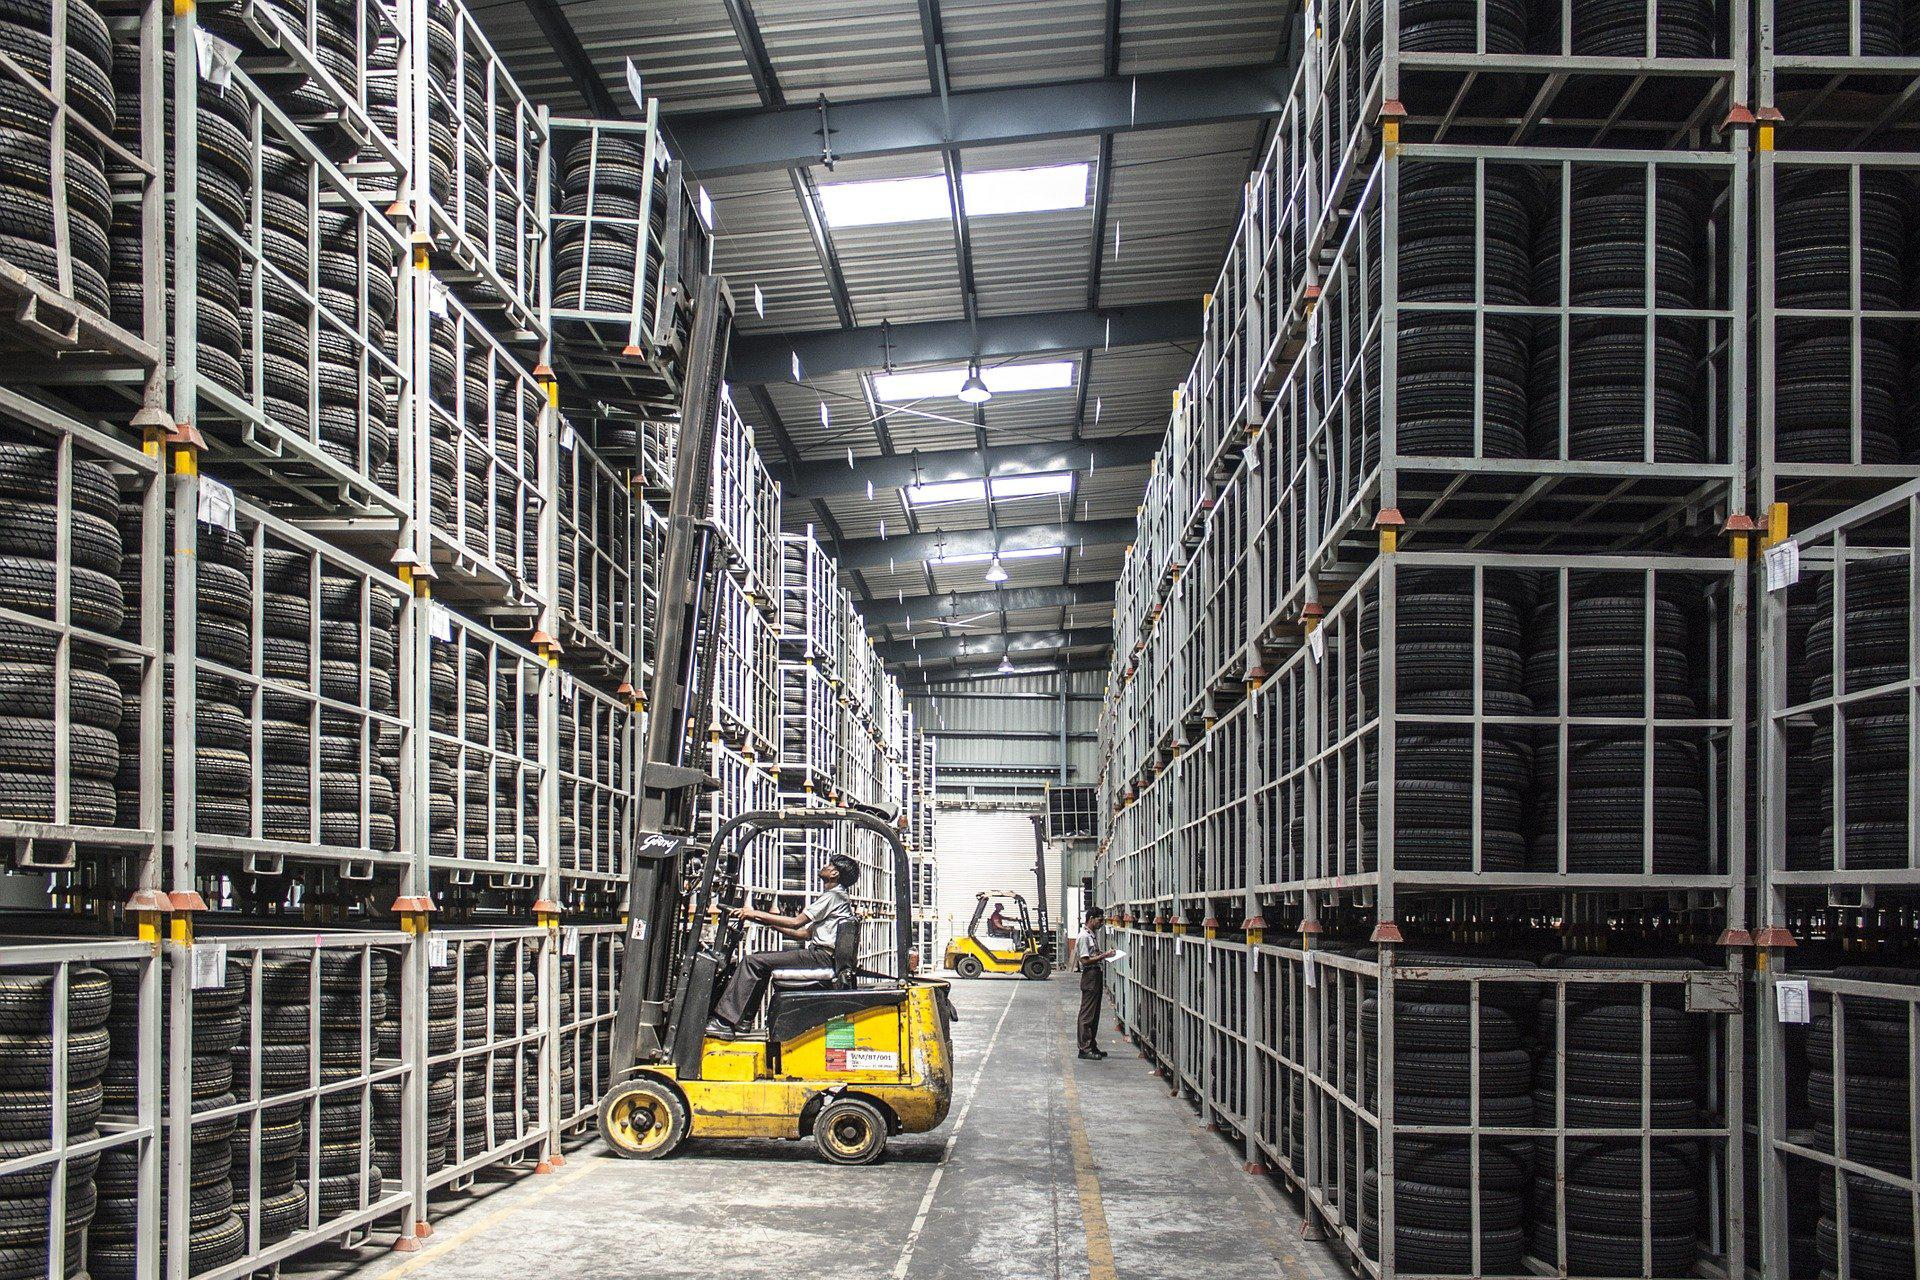 Евразийская экономическая комиссия рекомендовала методы и процедуры определения таможенной стоимости товаров